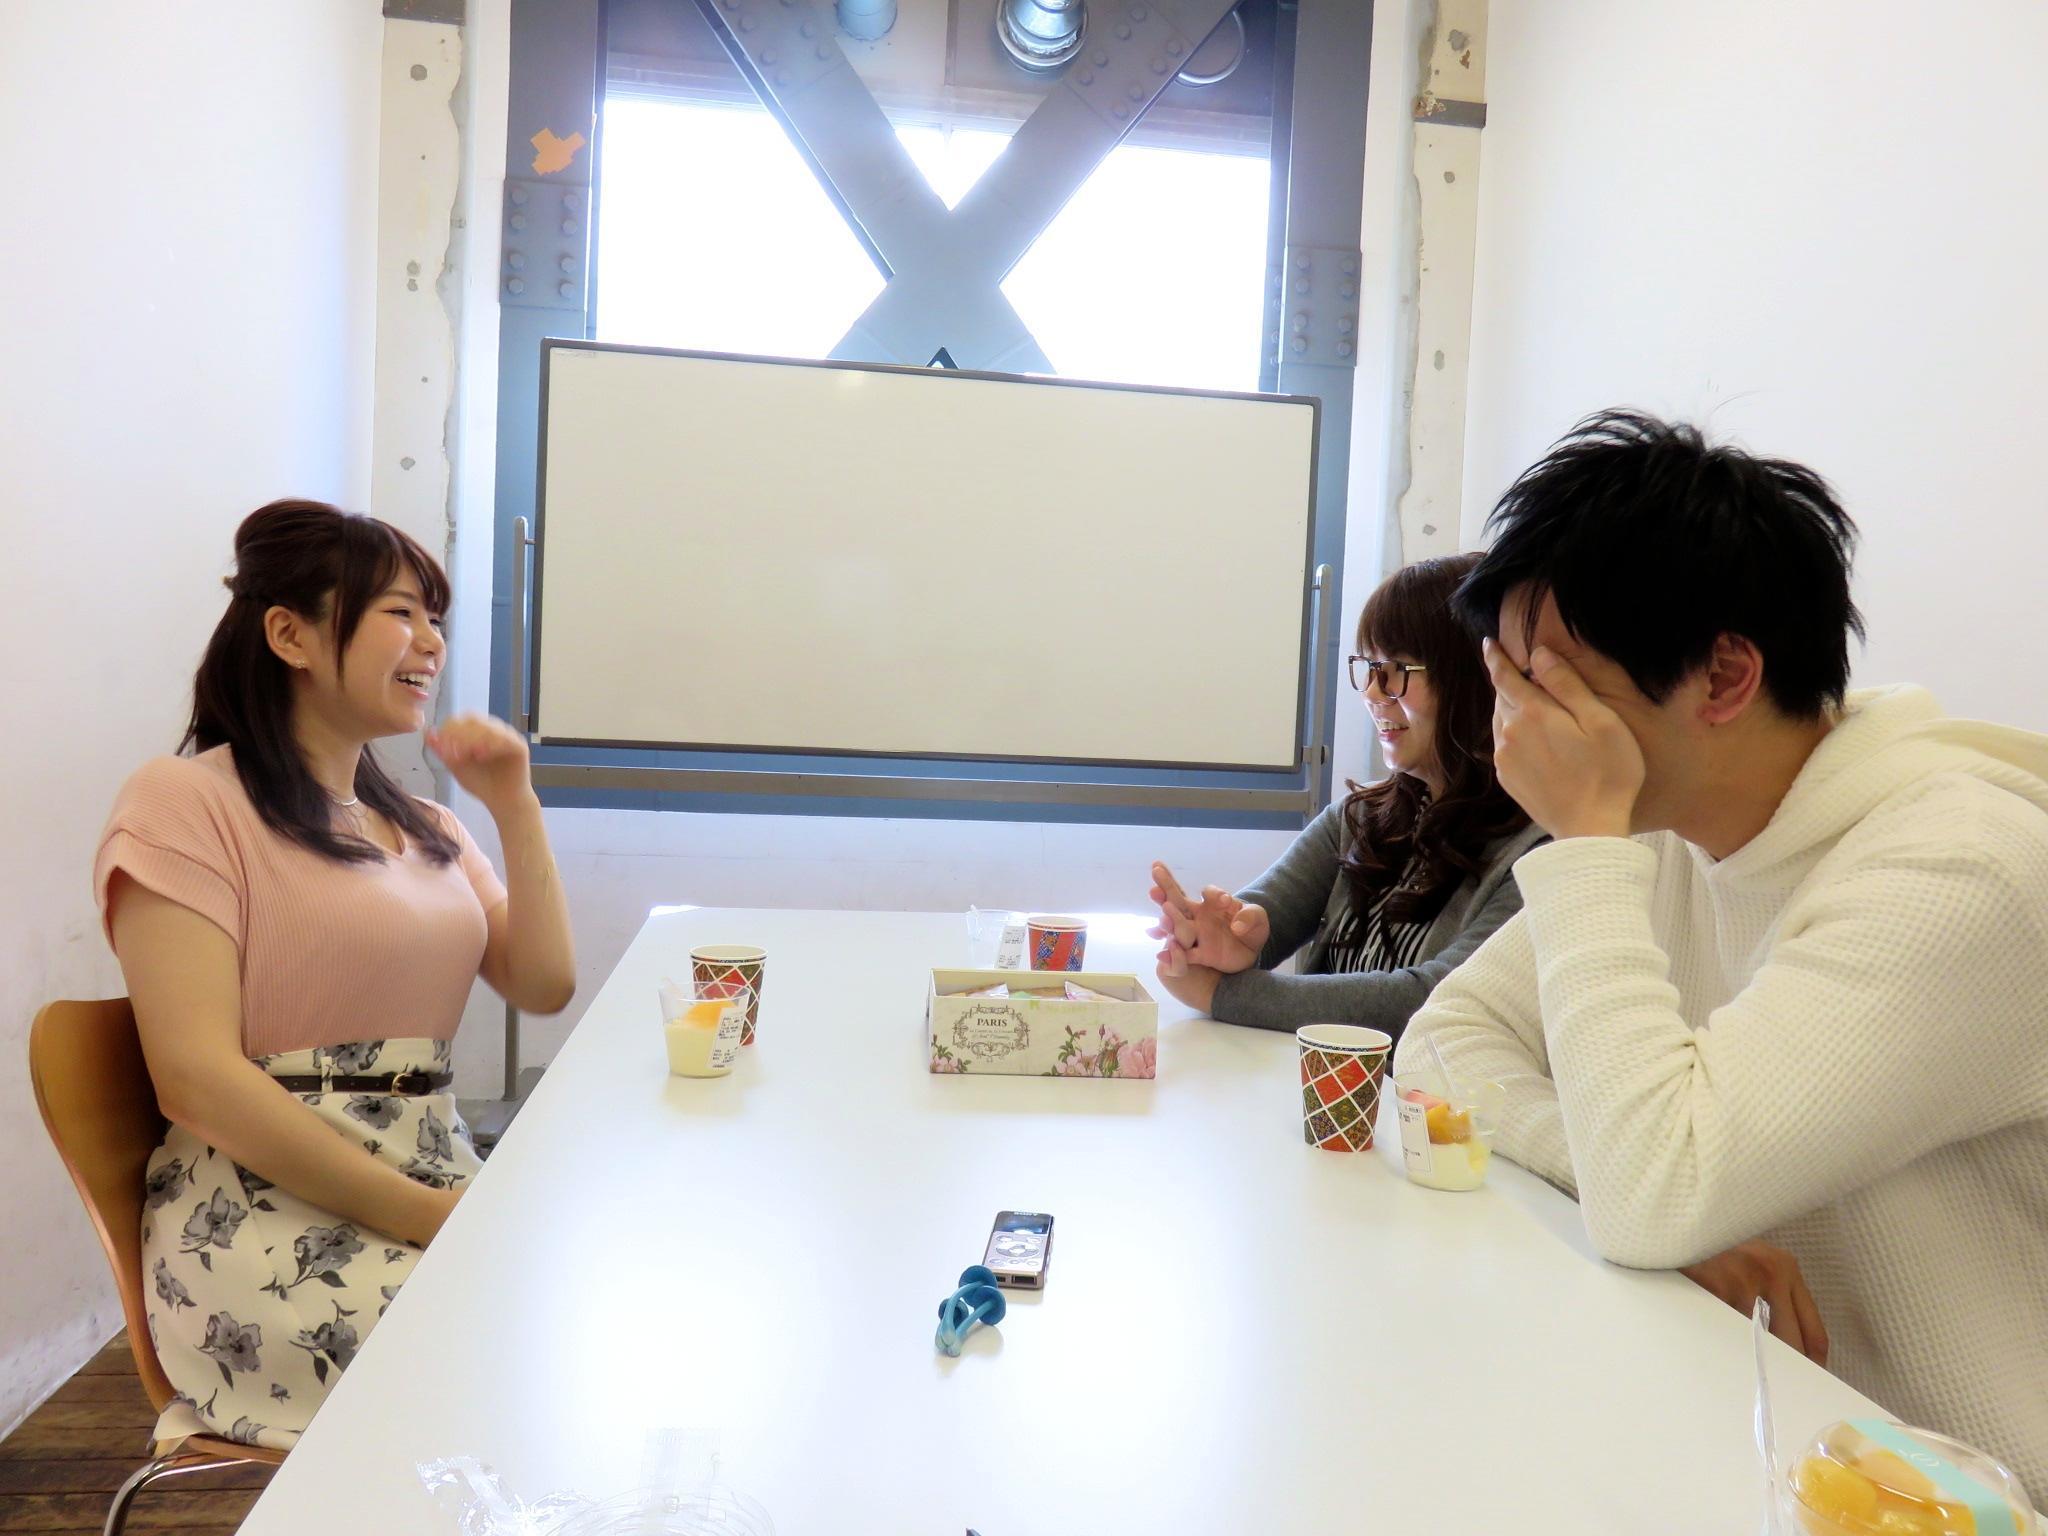 http://news.yoshimoto.co.jp/20170224192044-9d30b44db018fc5b463d06cc1dabc0bac3a224b0.jpg